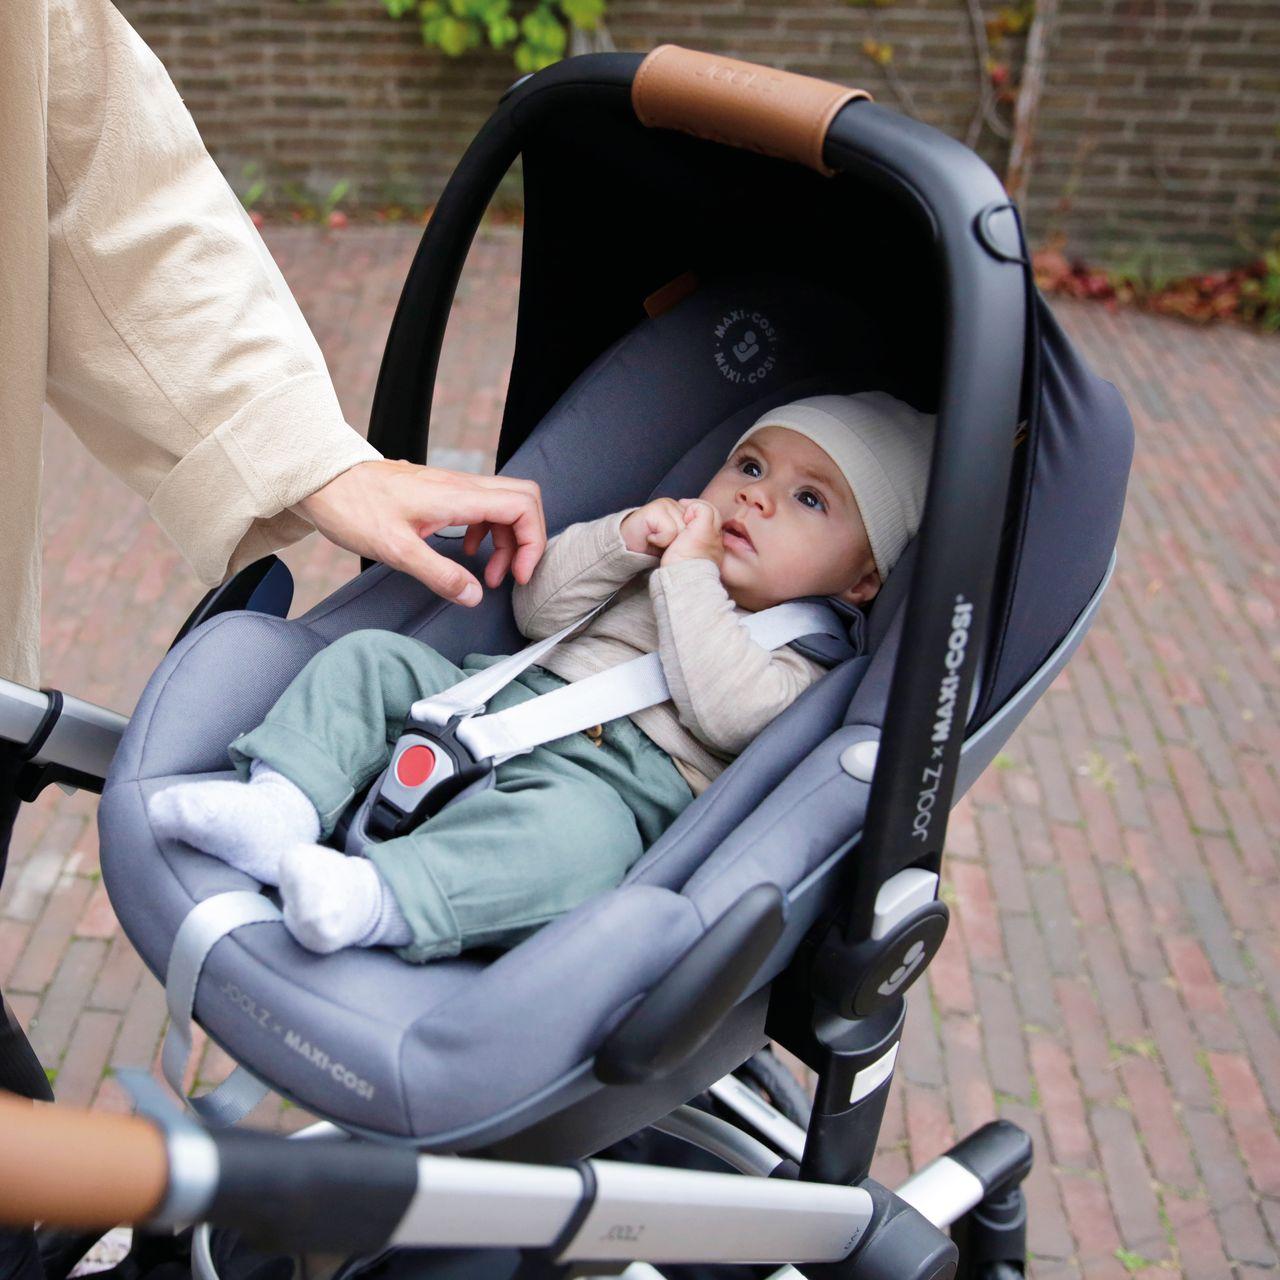 Joolz x Maxi-Cosi Autositz für Babys in Berlin kaufen - Kleine Fabriek